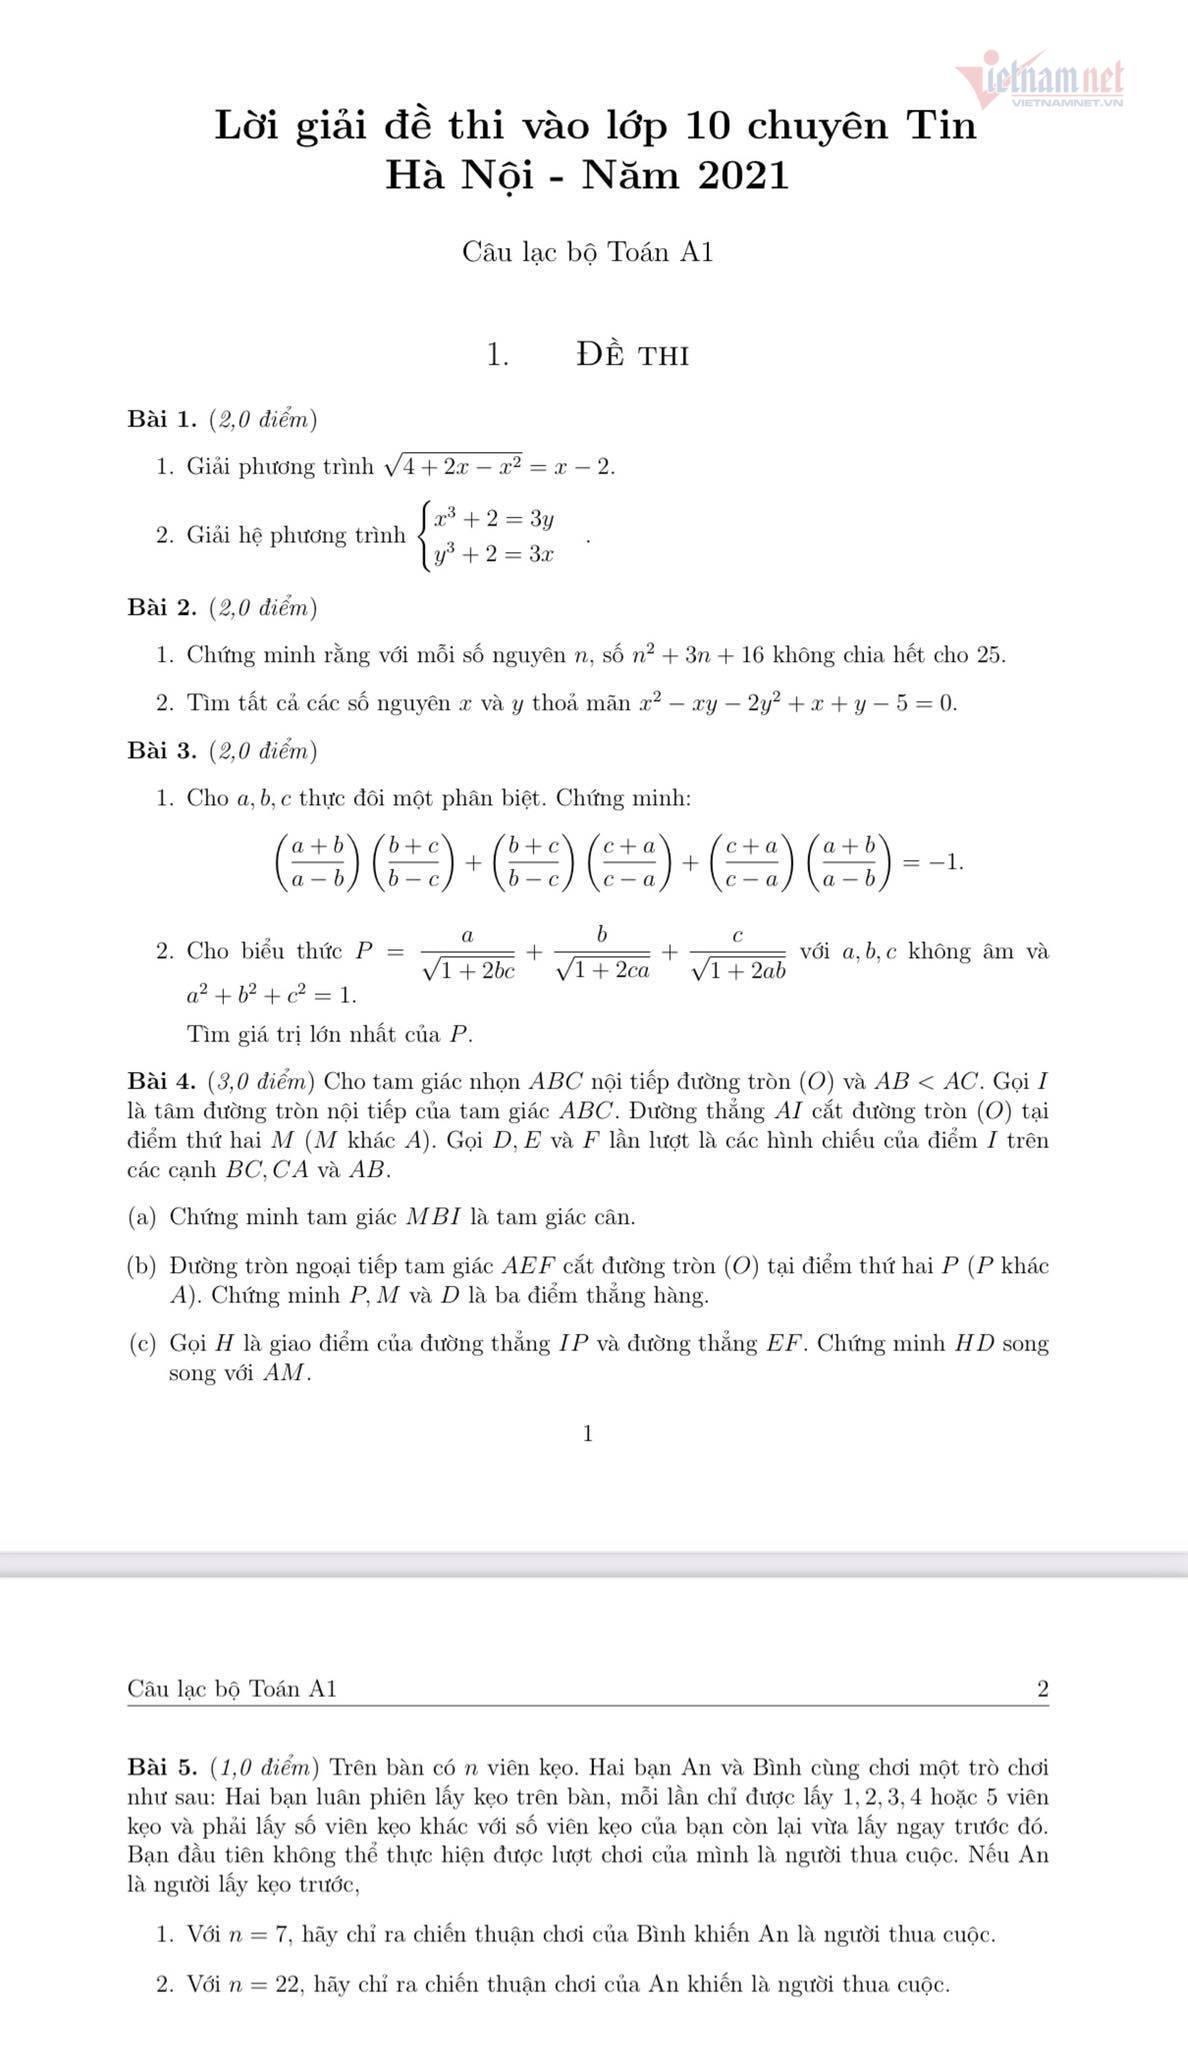 Hướng dẫn giải đề thi vào lớp 10 chuyên Tin